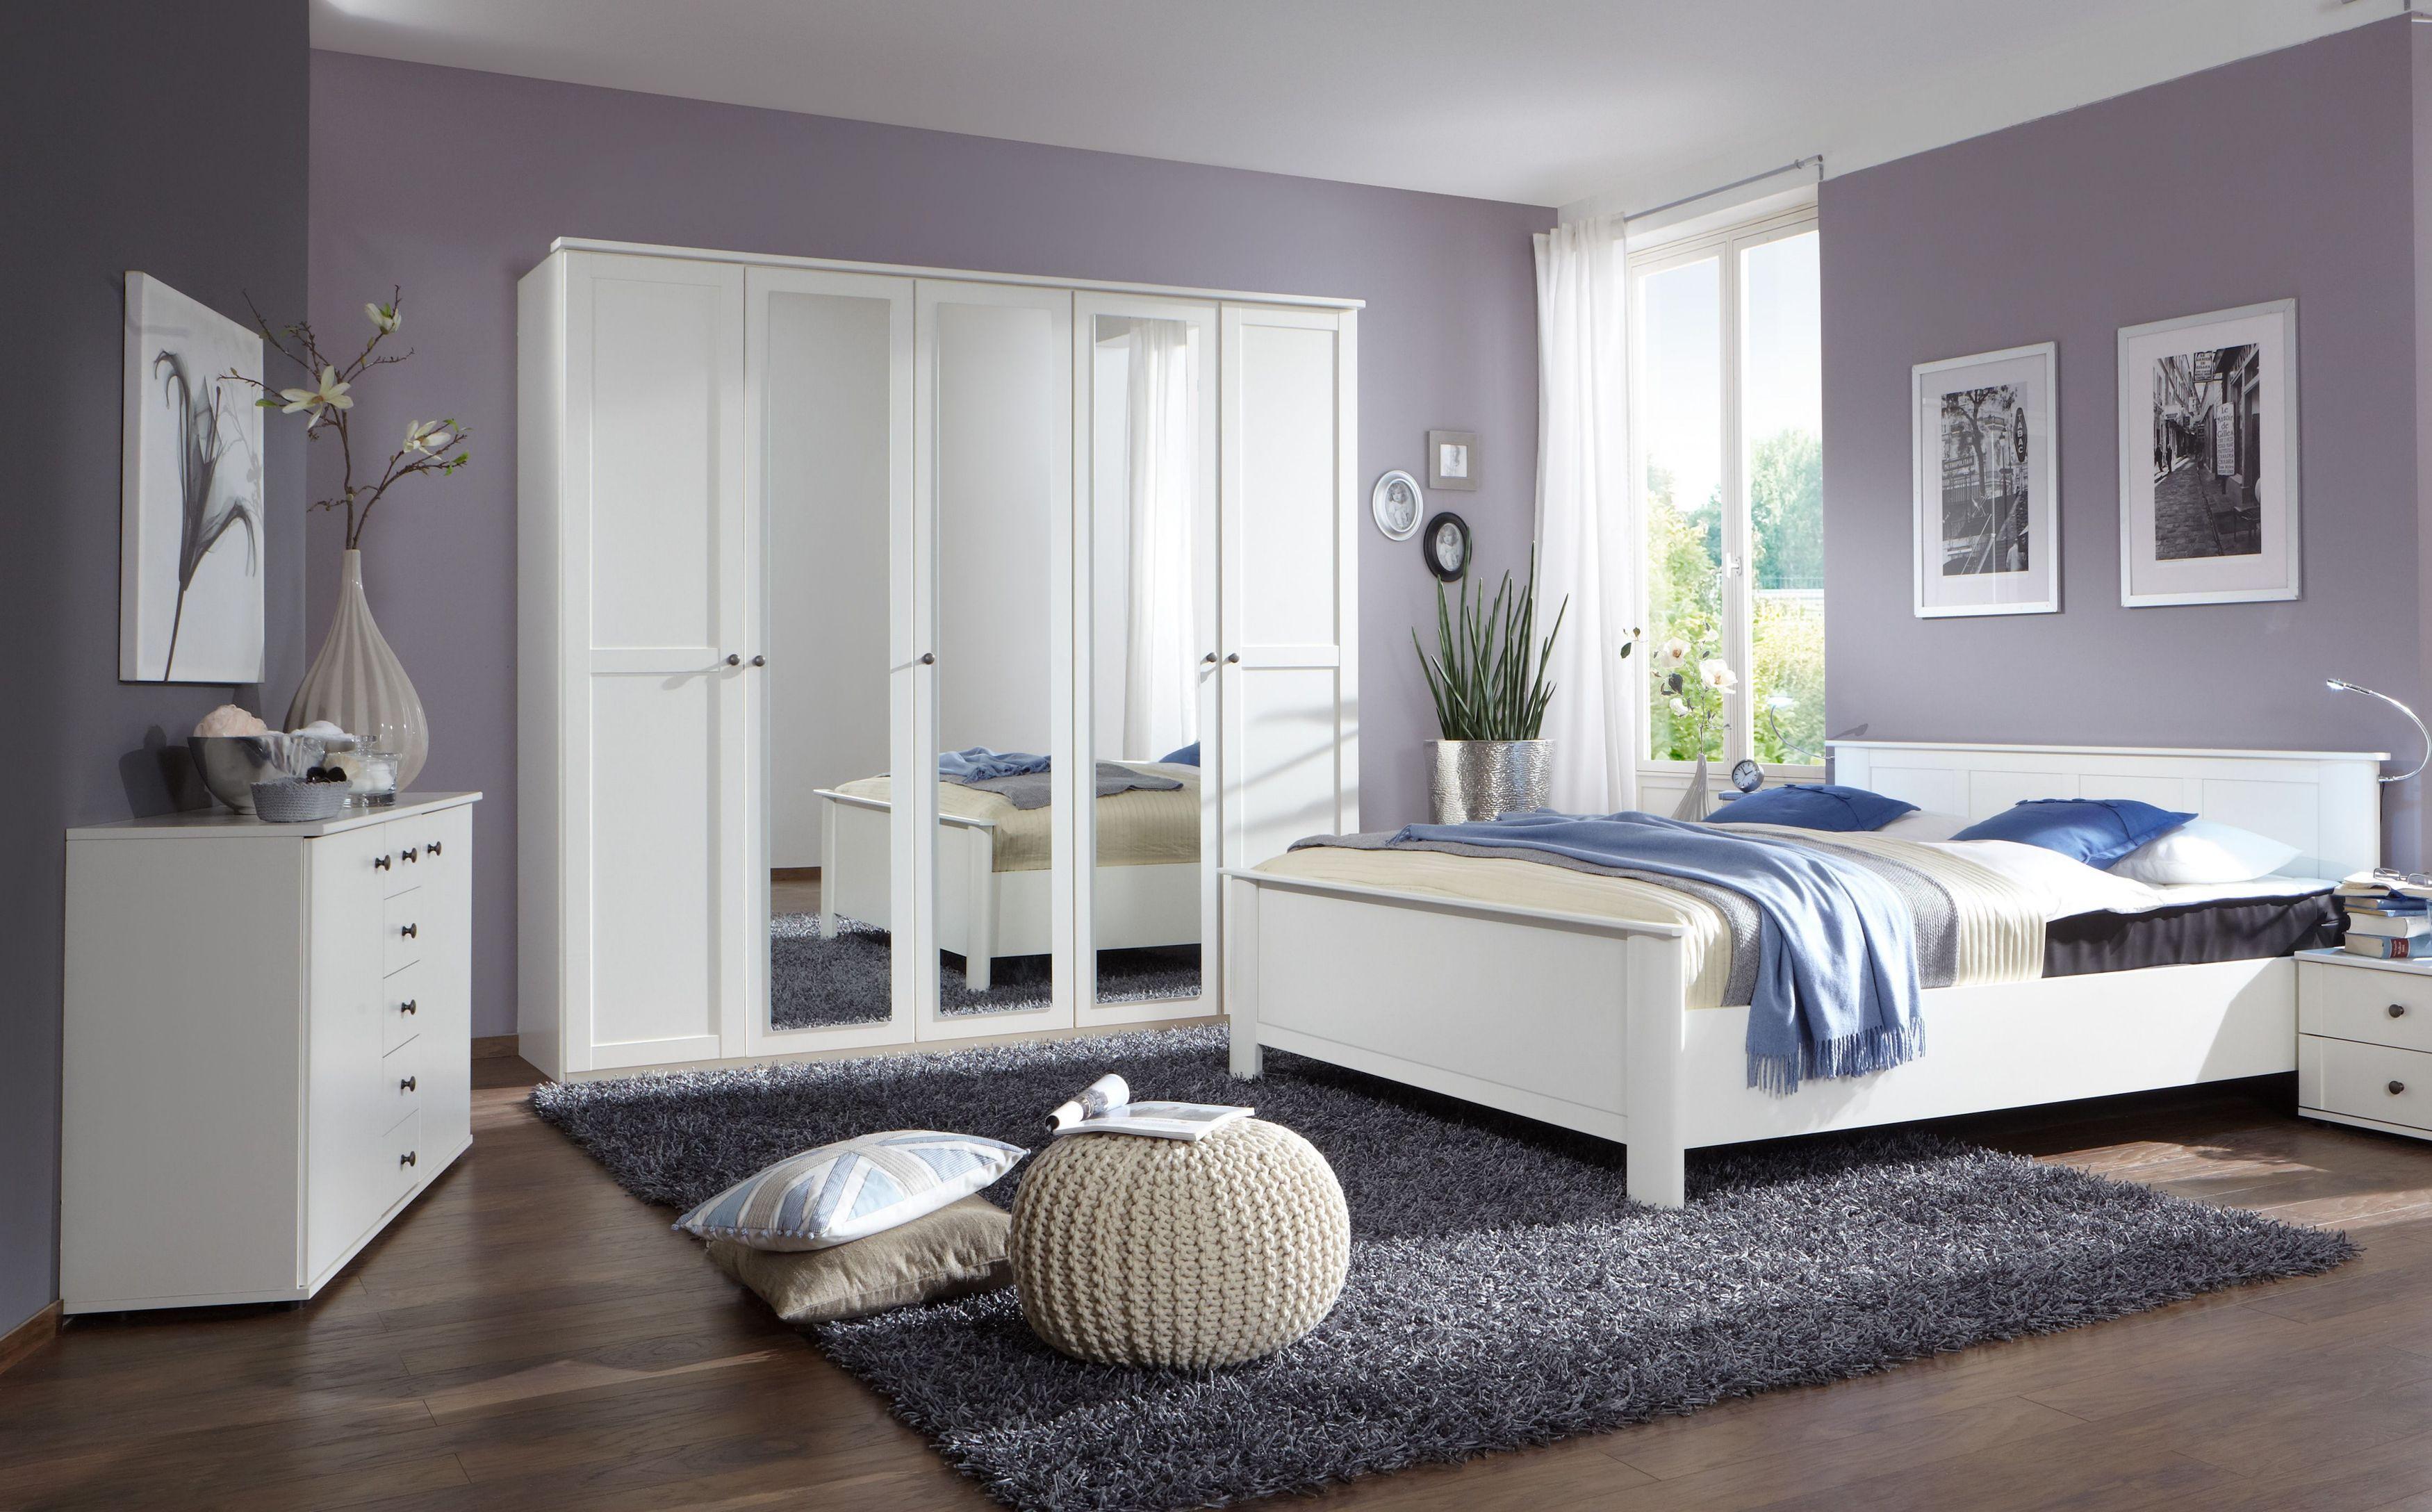 Schlafzimmer Mit Bett 180 X 200 Cm Alpinweiss Woody 132